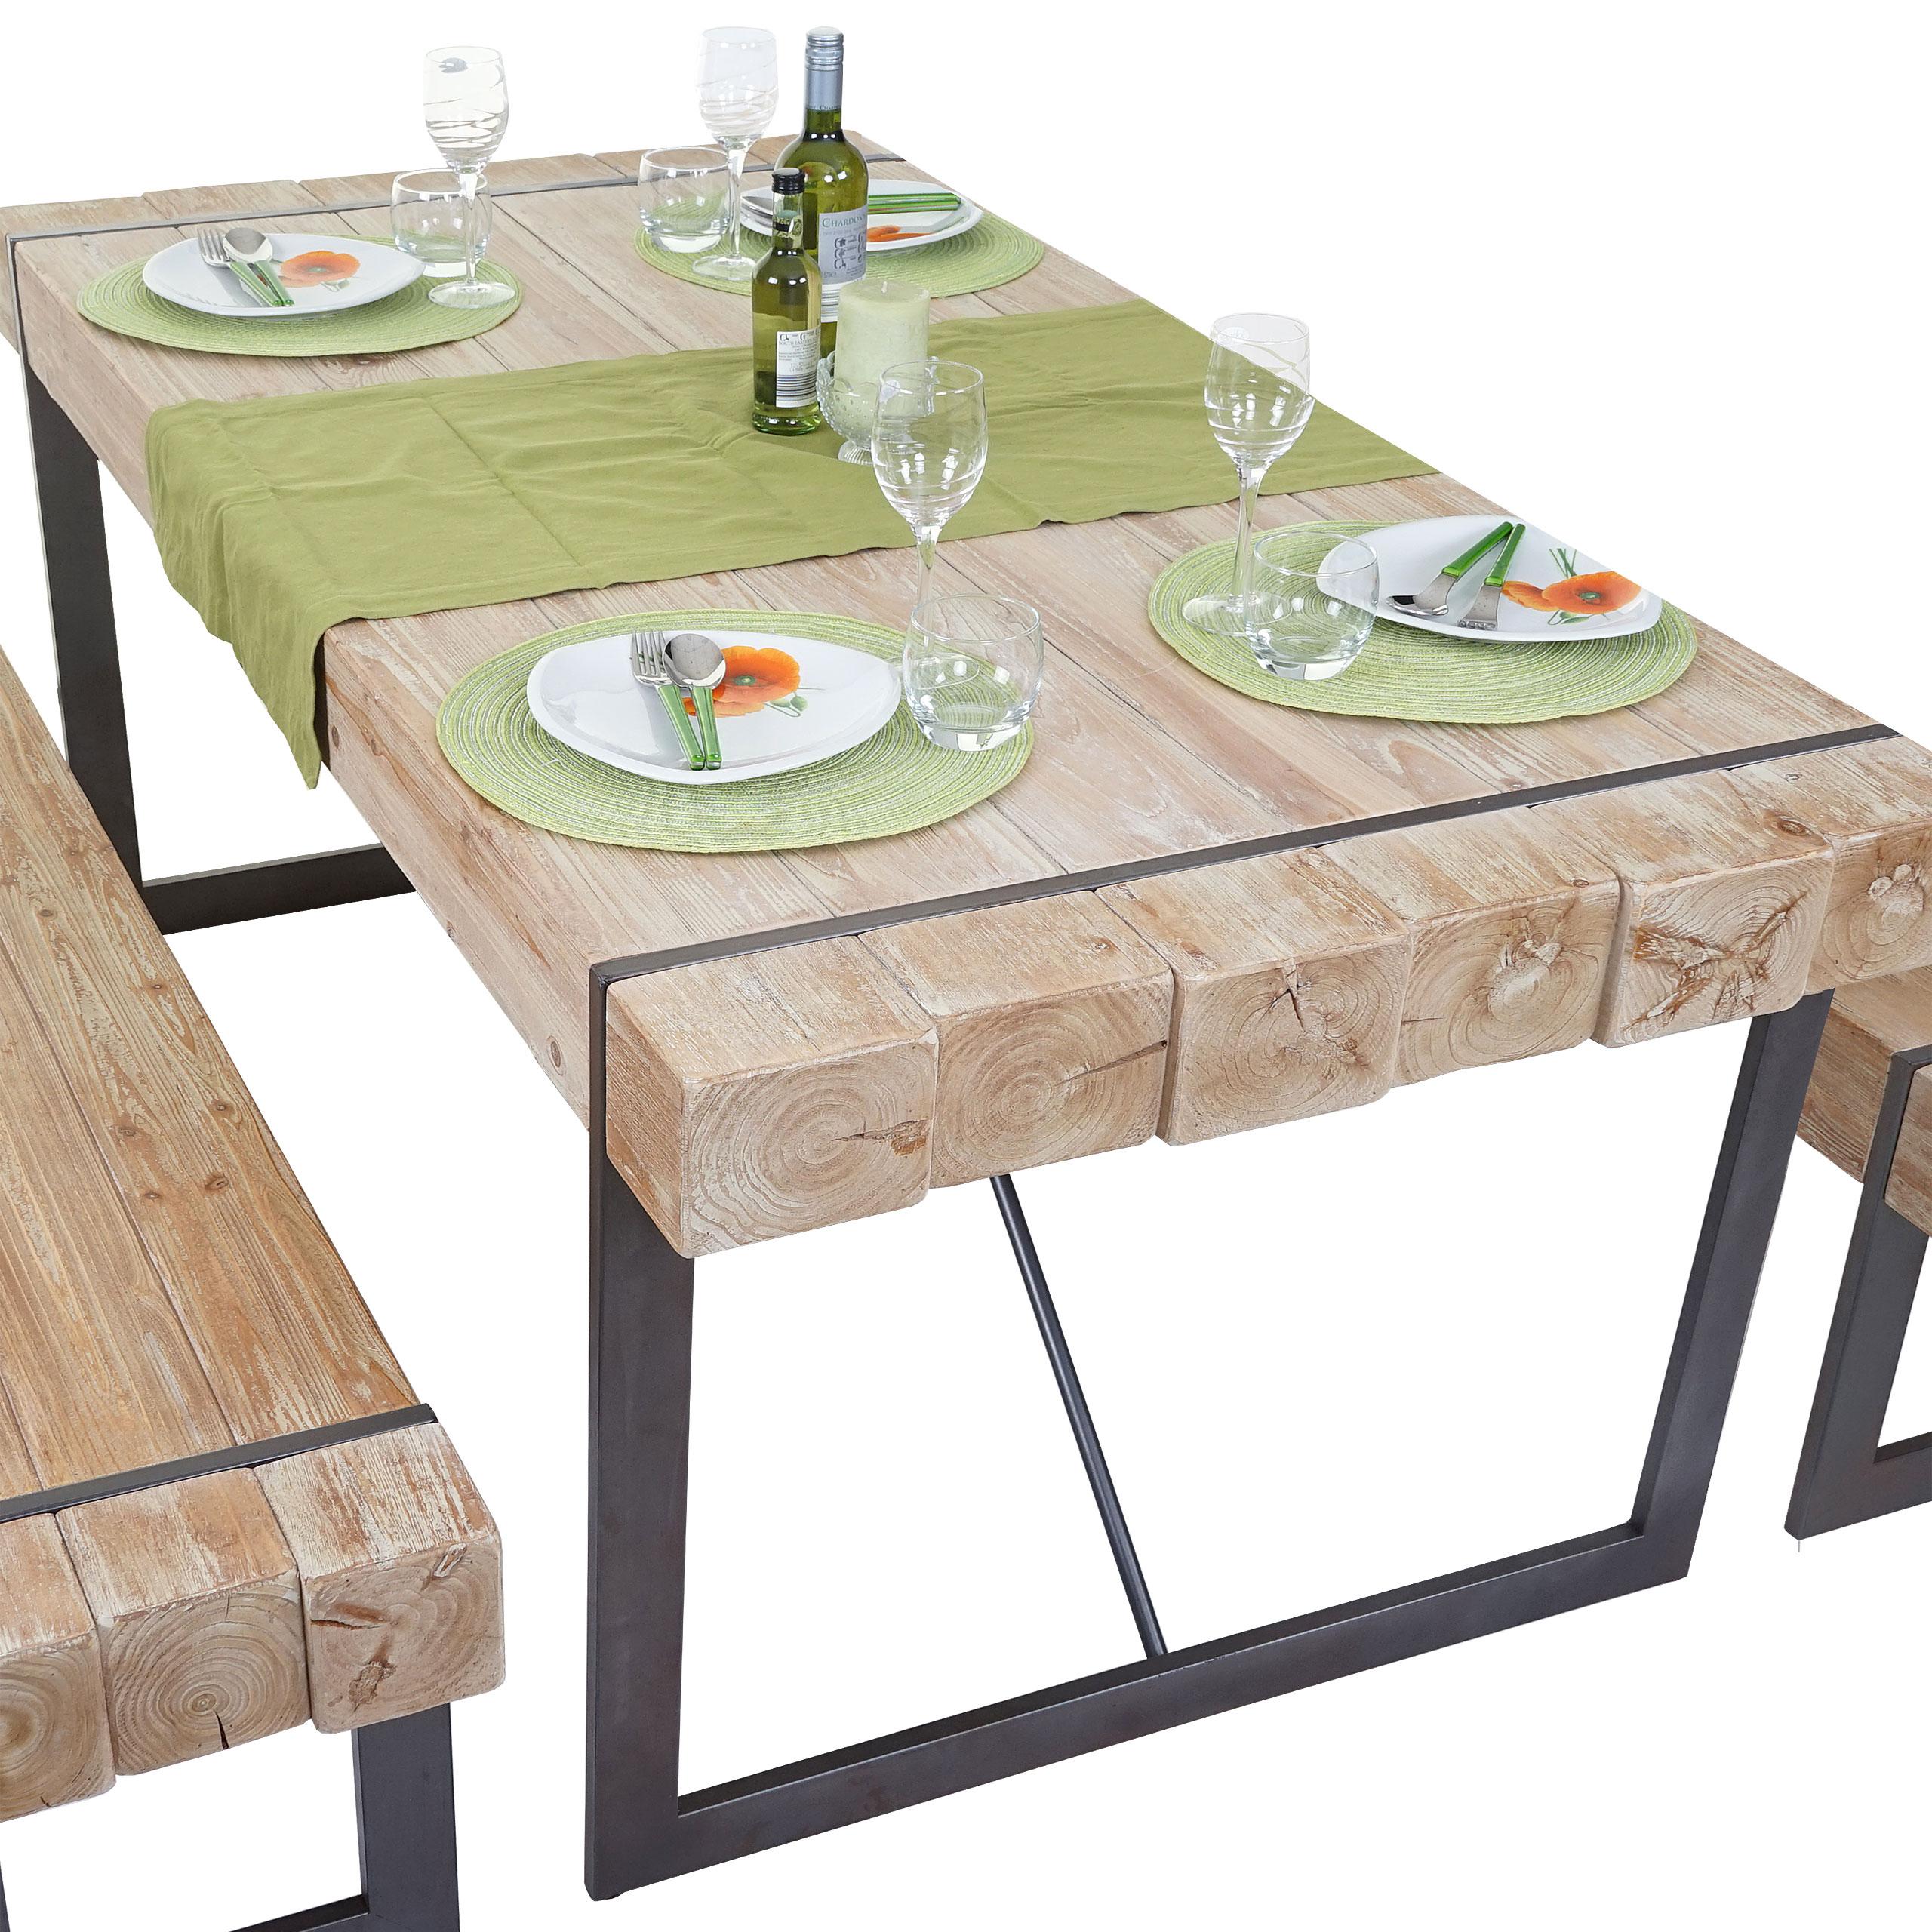 Esszimmertisch HWC A15, Esstisch Tisch, Tanne Holz rustikal massiv